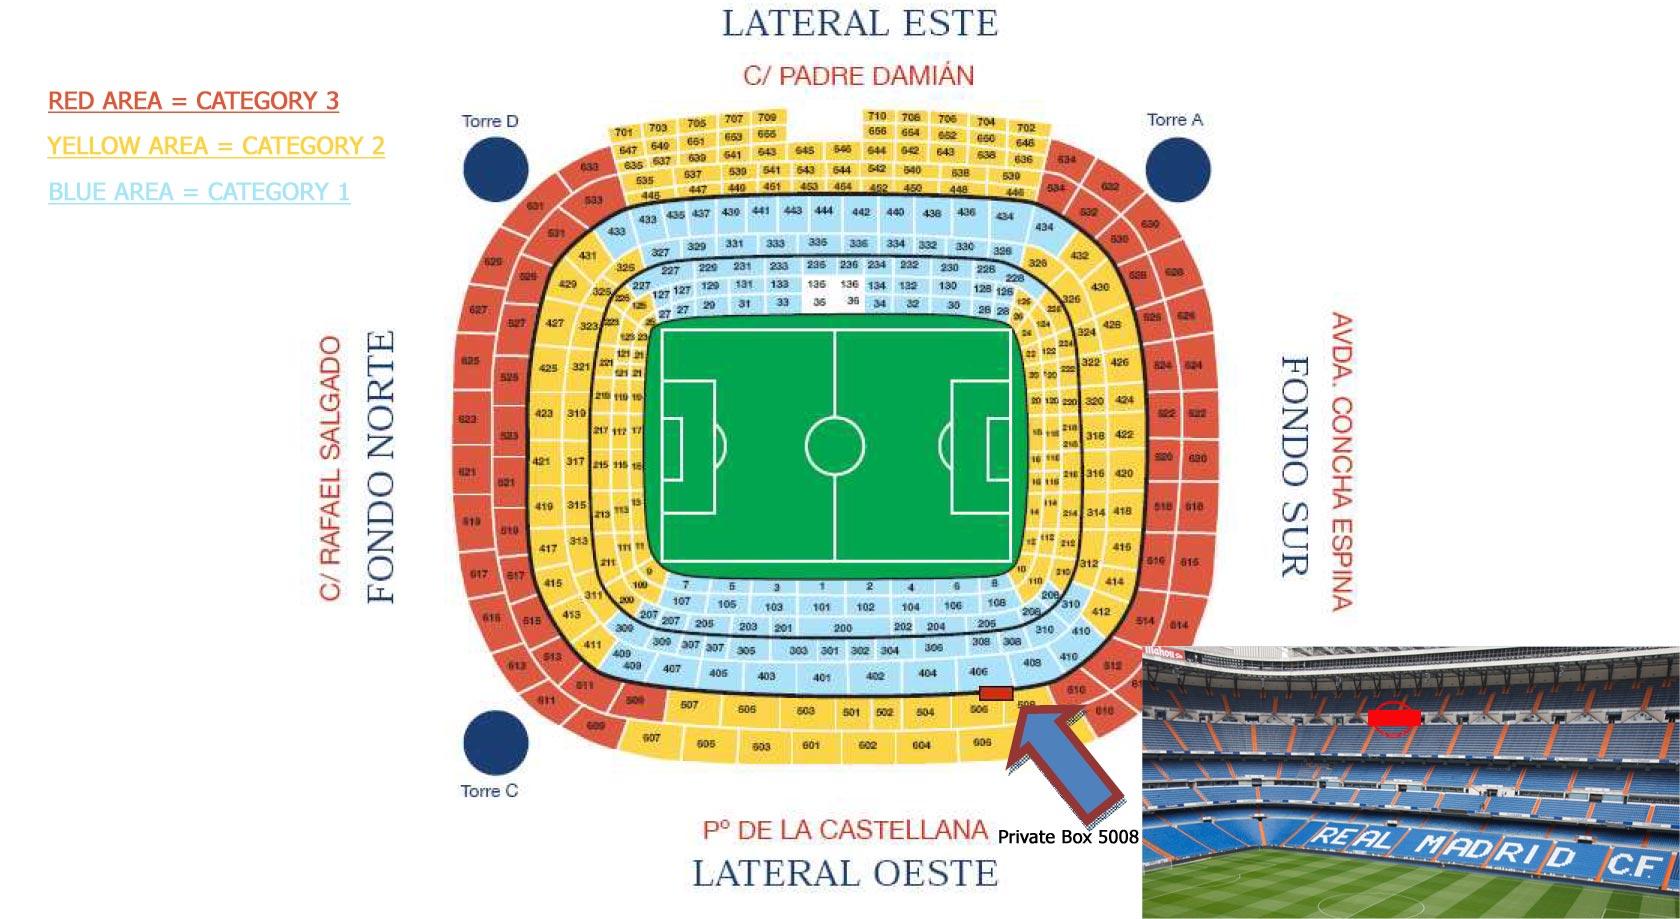 Plan stadionu/miejsc Santiago Bernabeu